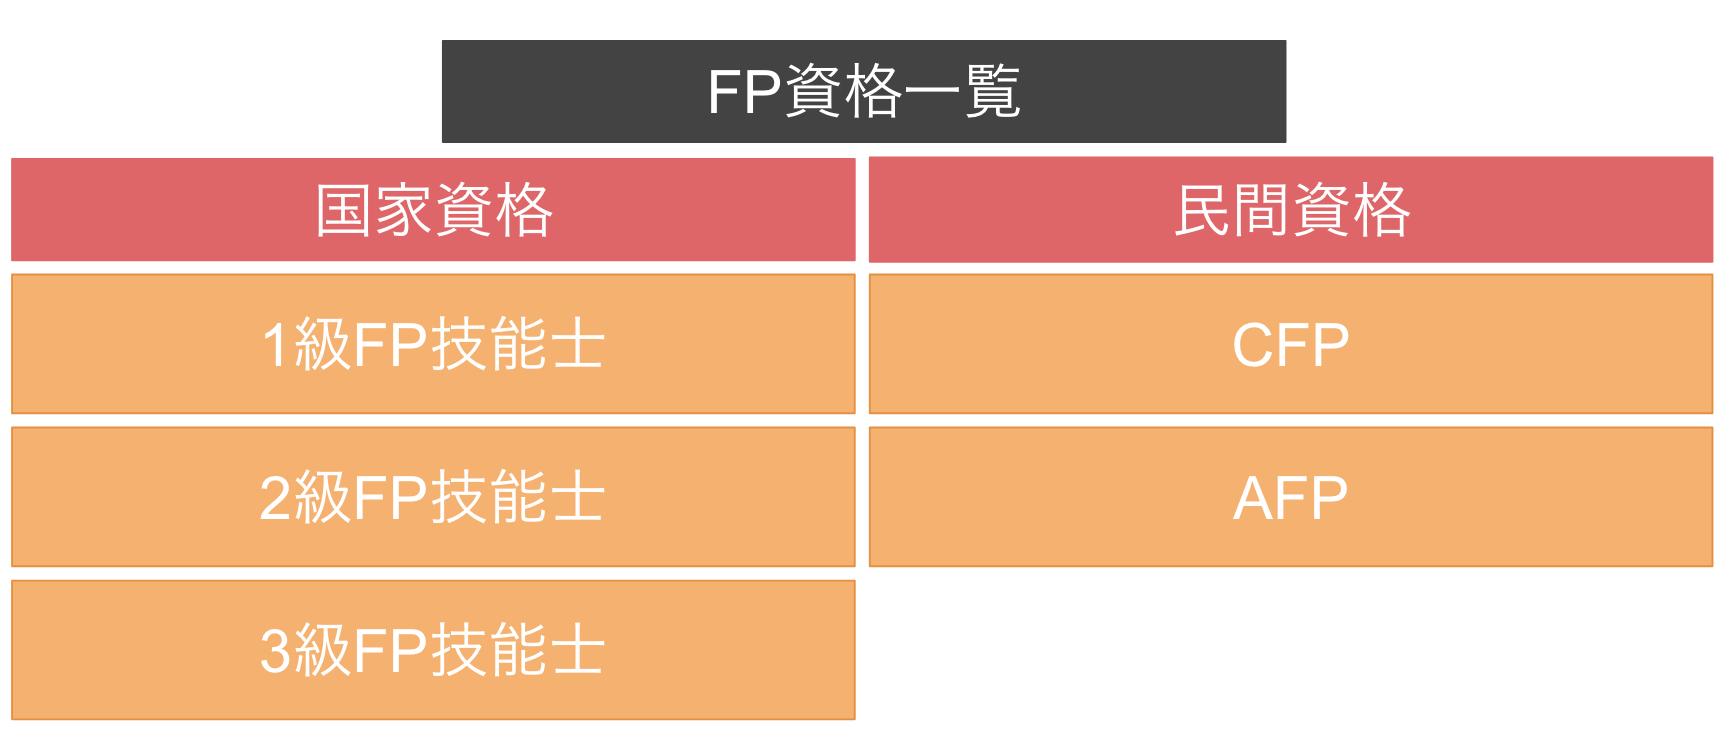 FP技能士の種類(国家資格と民間資格)